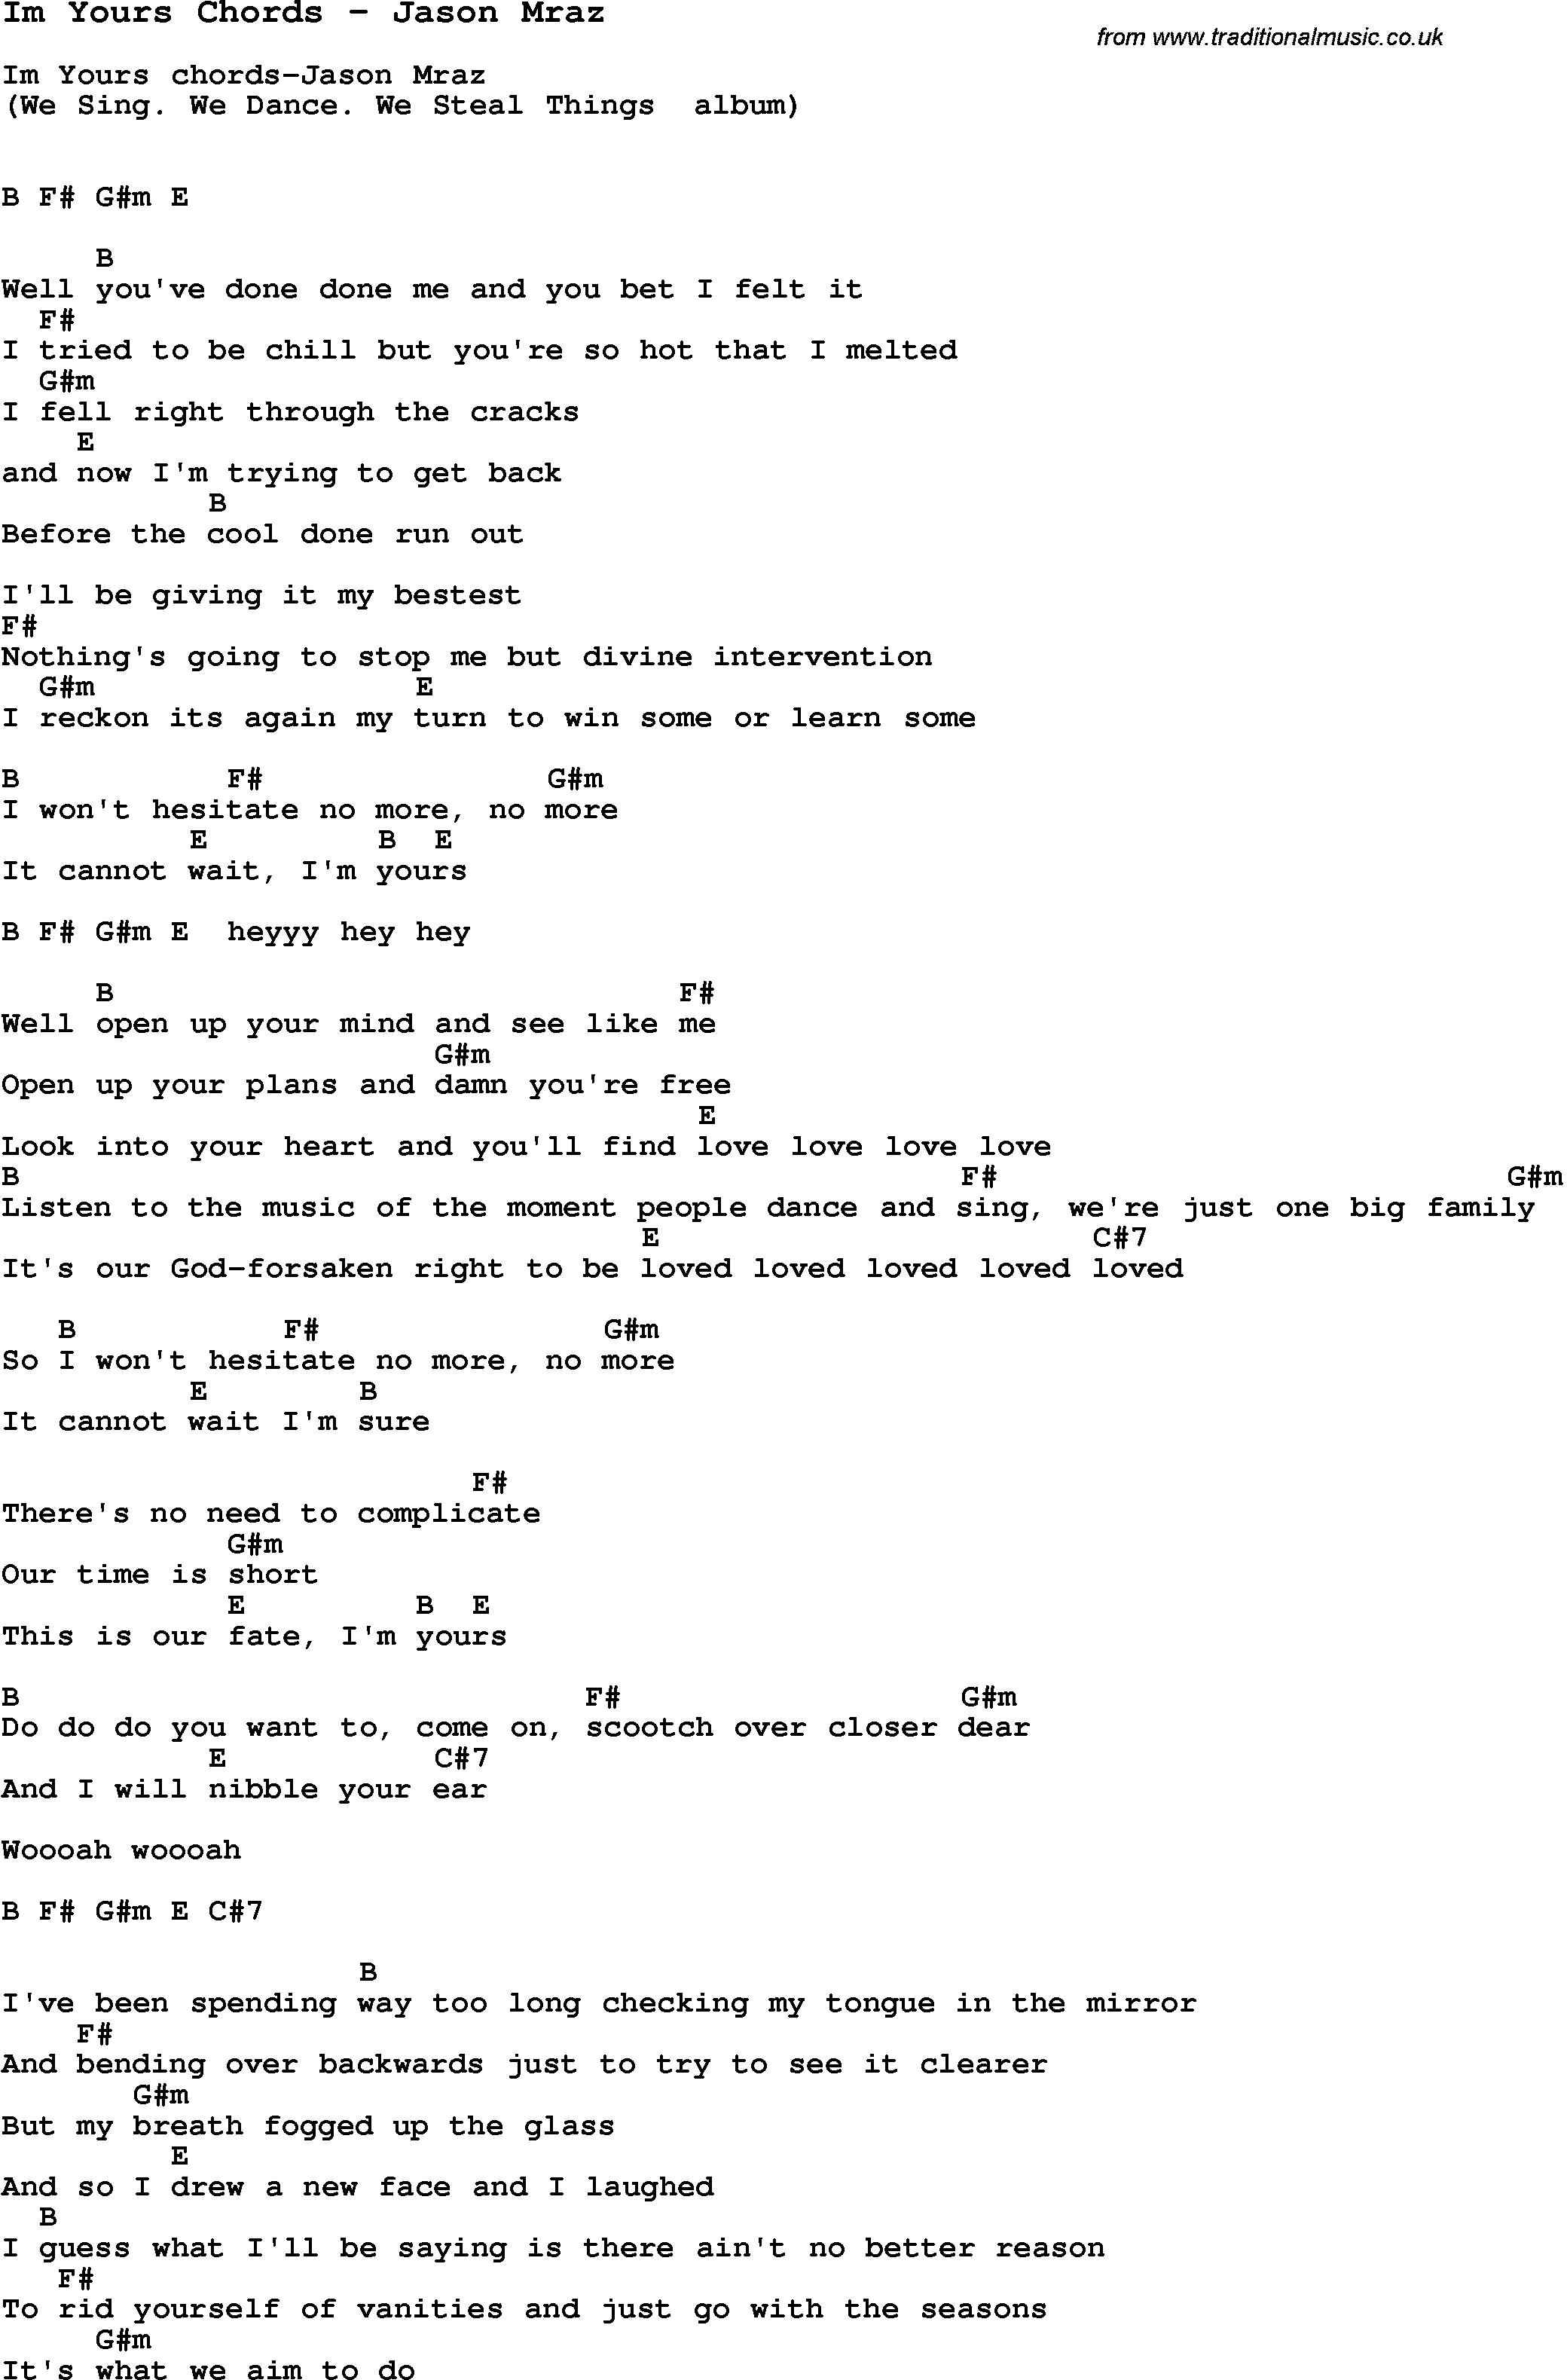 Jason Mraz Im Yours Chords 2015confession